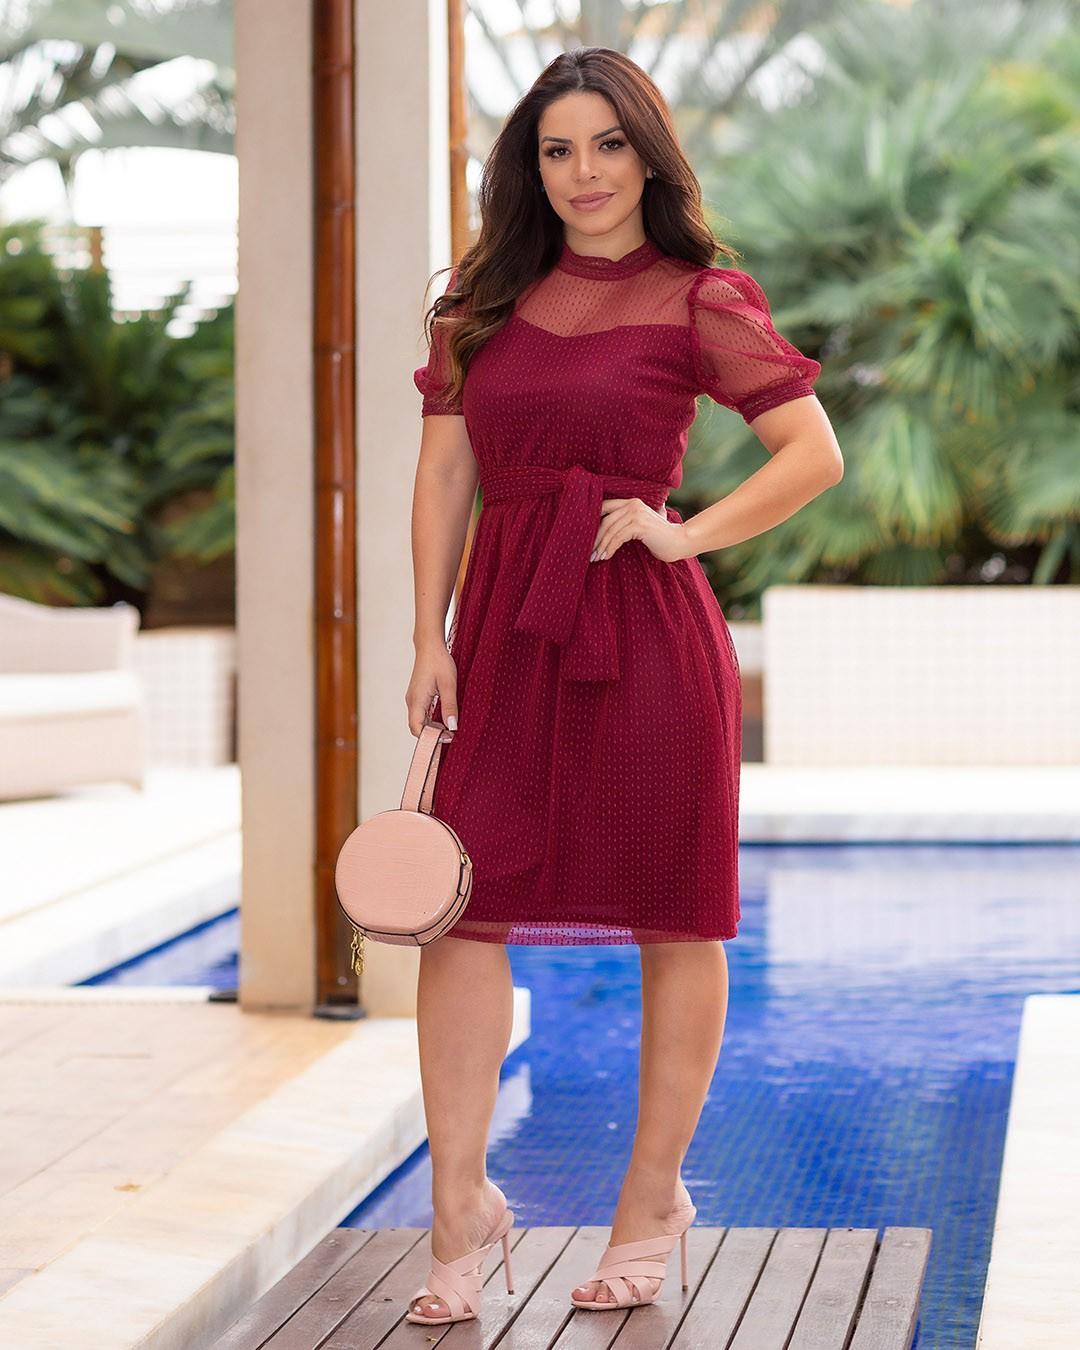 Vestido Soltinho Tule Mini Poá Marsala Az Irmãs Paola Santana